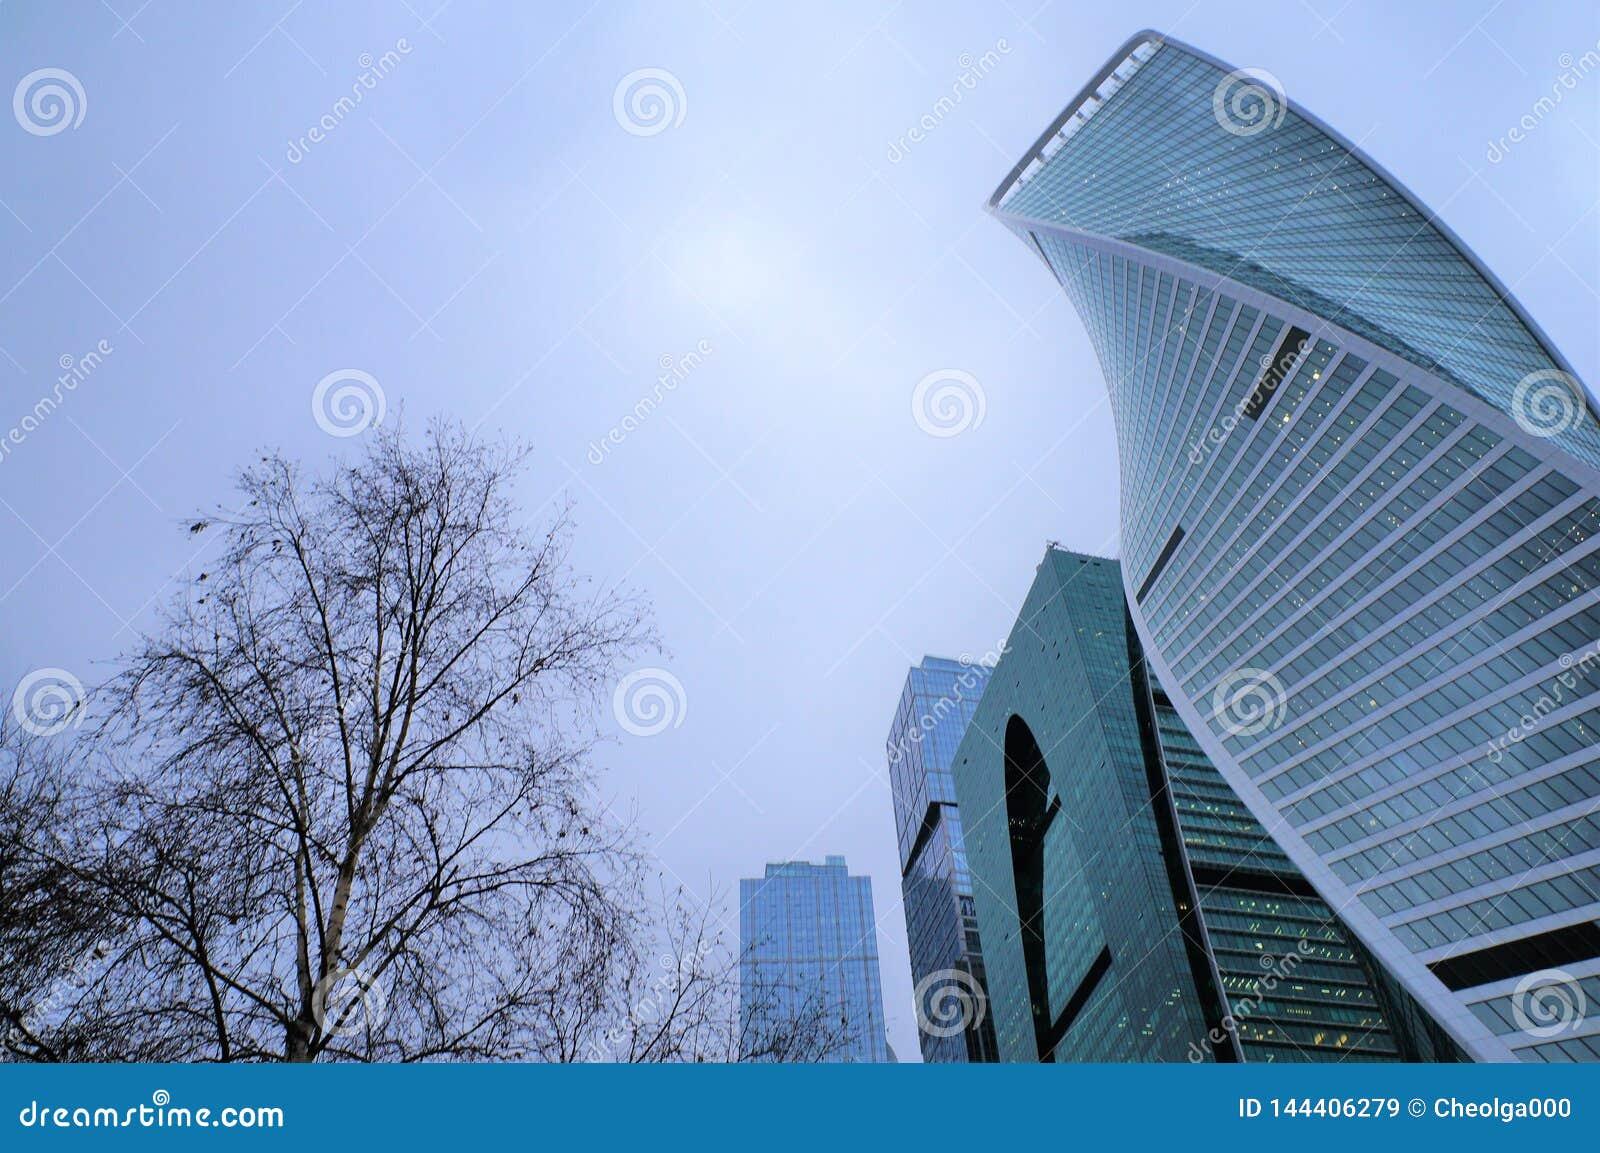 E r ?? 商业中心的玻璃高层建筑物 城市和自然的概念